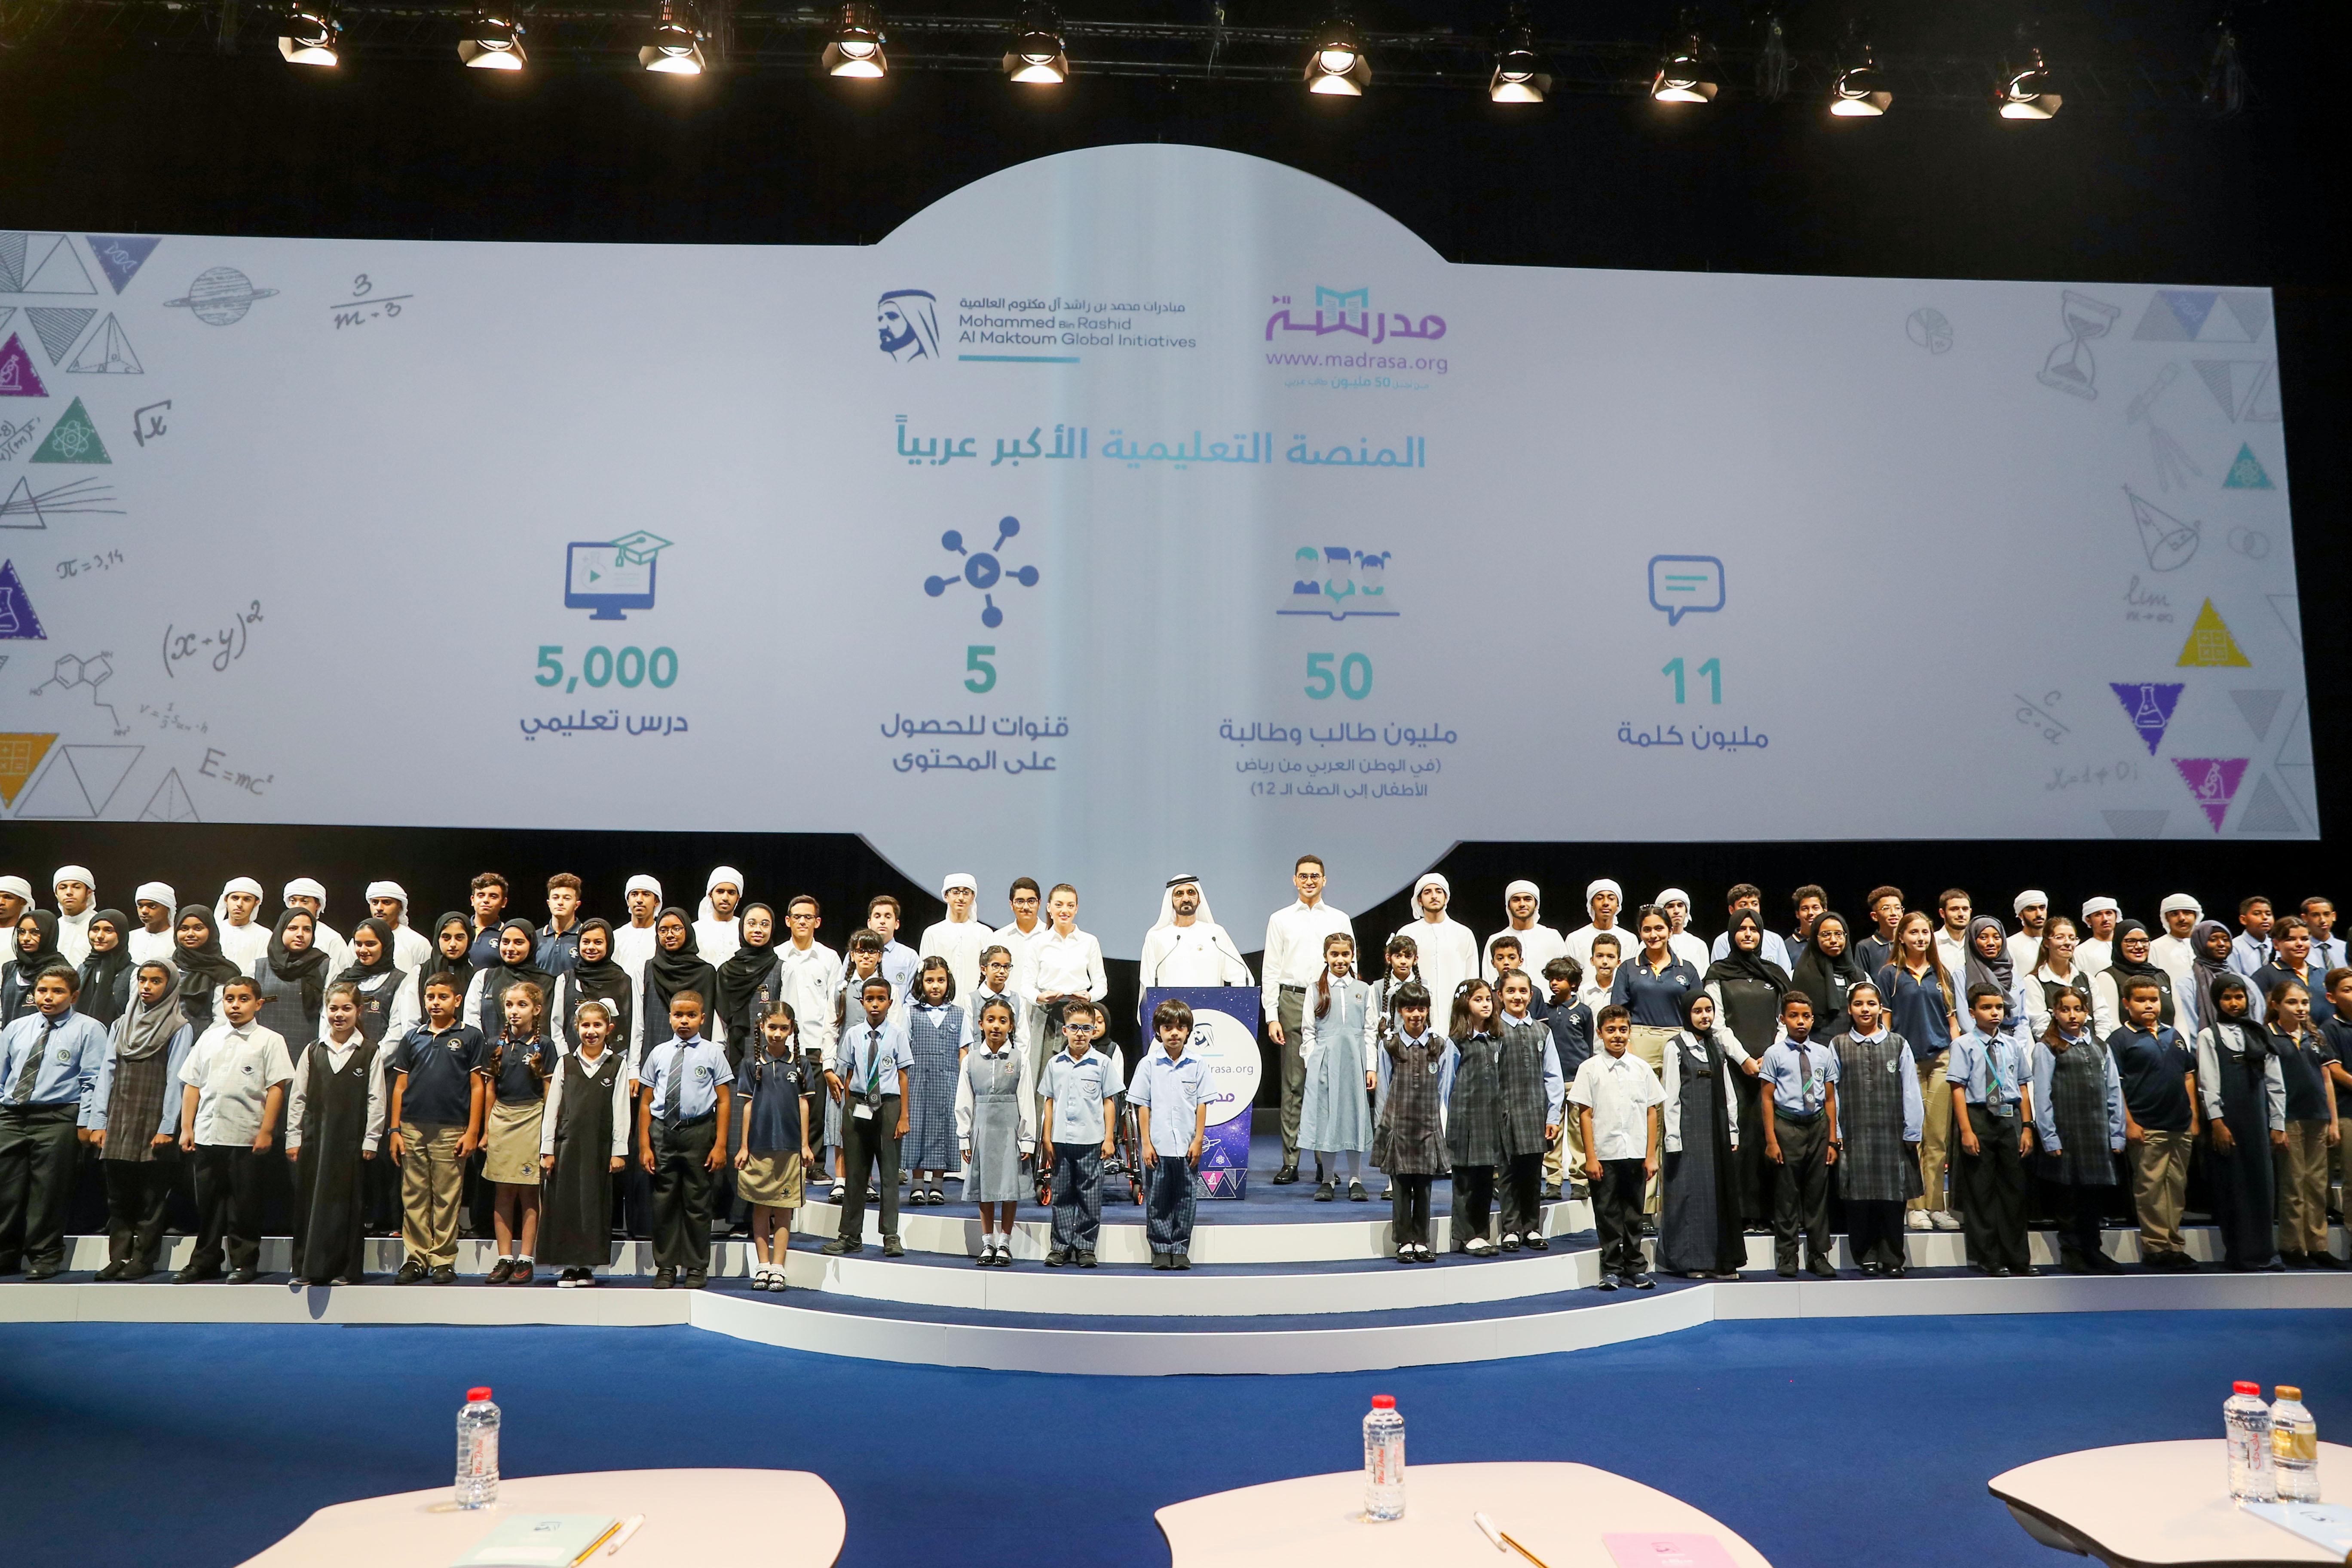 """محمد بن راشد يدشن منصة """" مدرسة """" الأكبر عربيا للتعليم الإلكتروني. 4"""